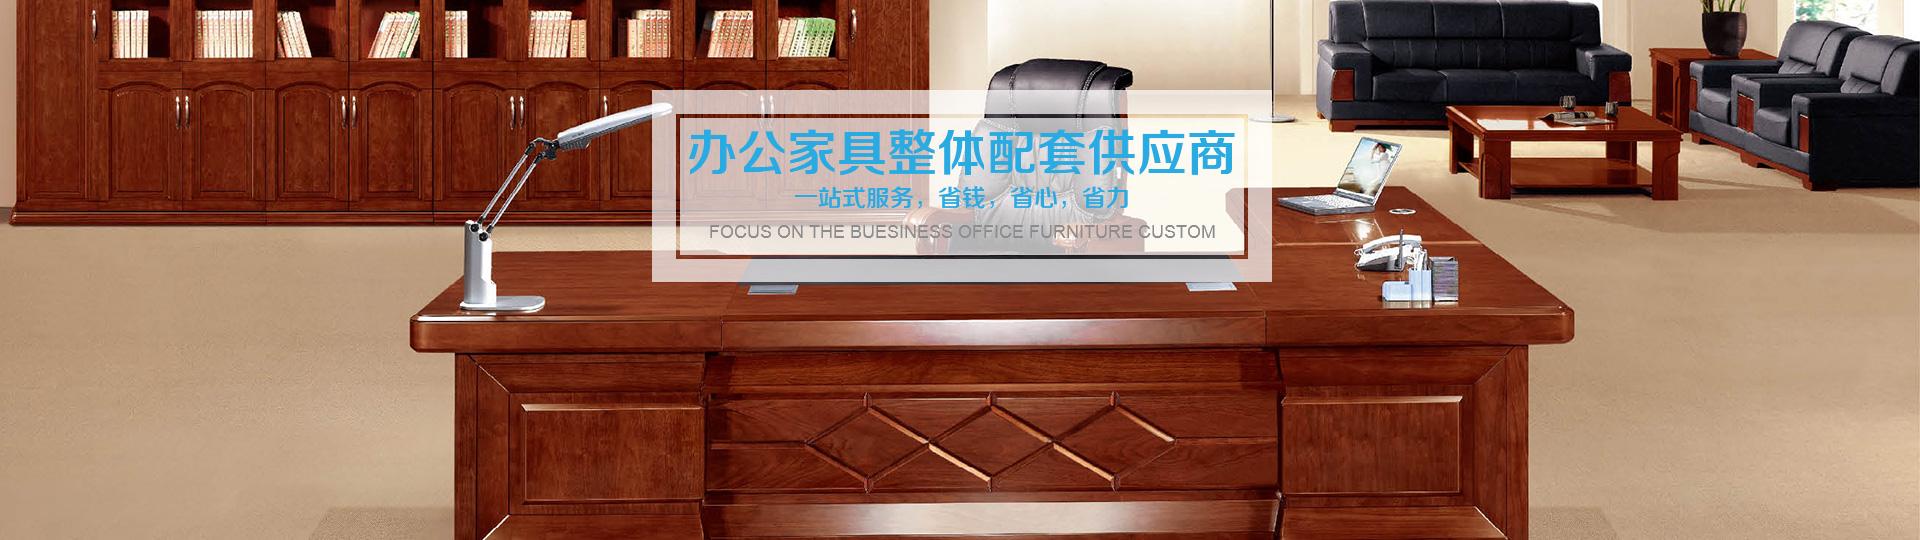 南宁办公家具批发,广西办公家具,南宁办公桌定制,南宁办公沙发销售